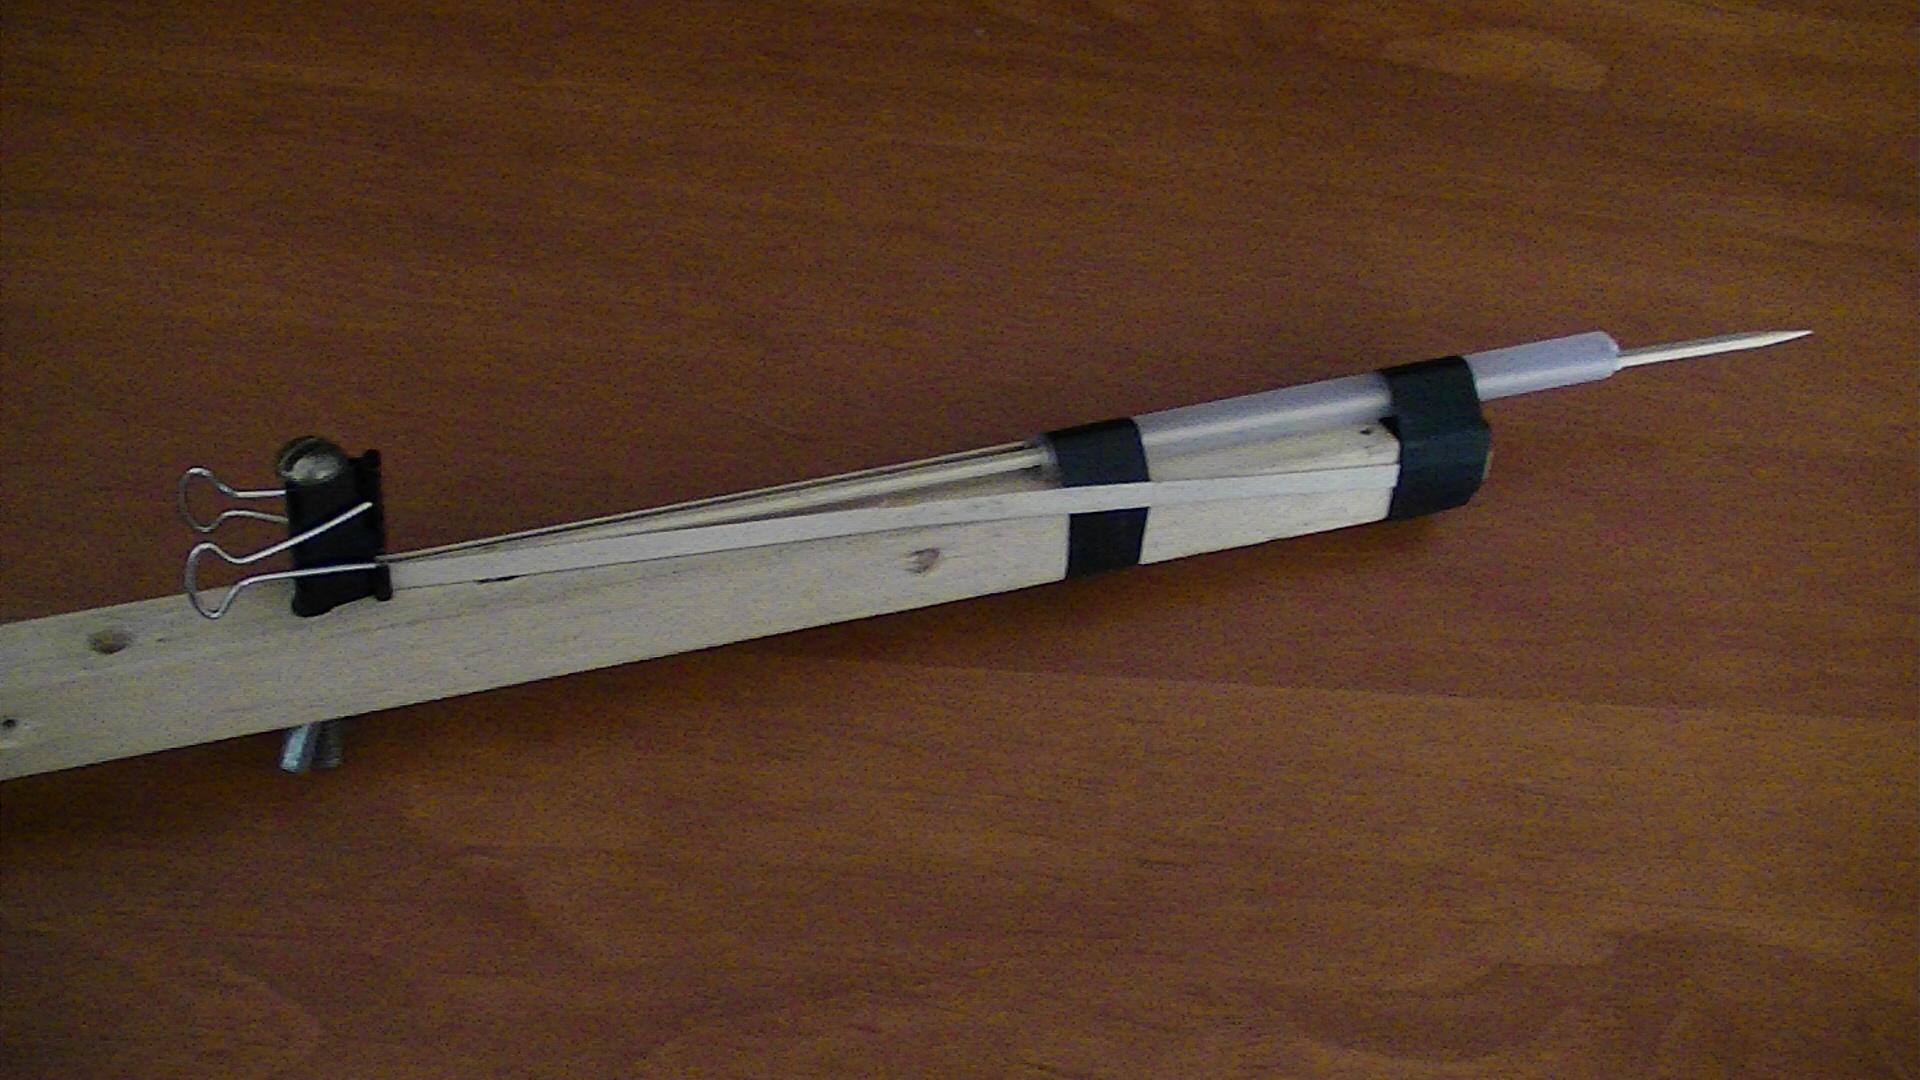 Skewer gun